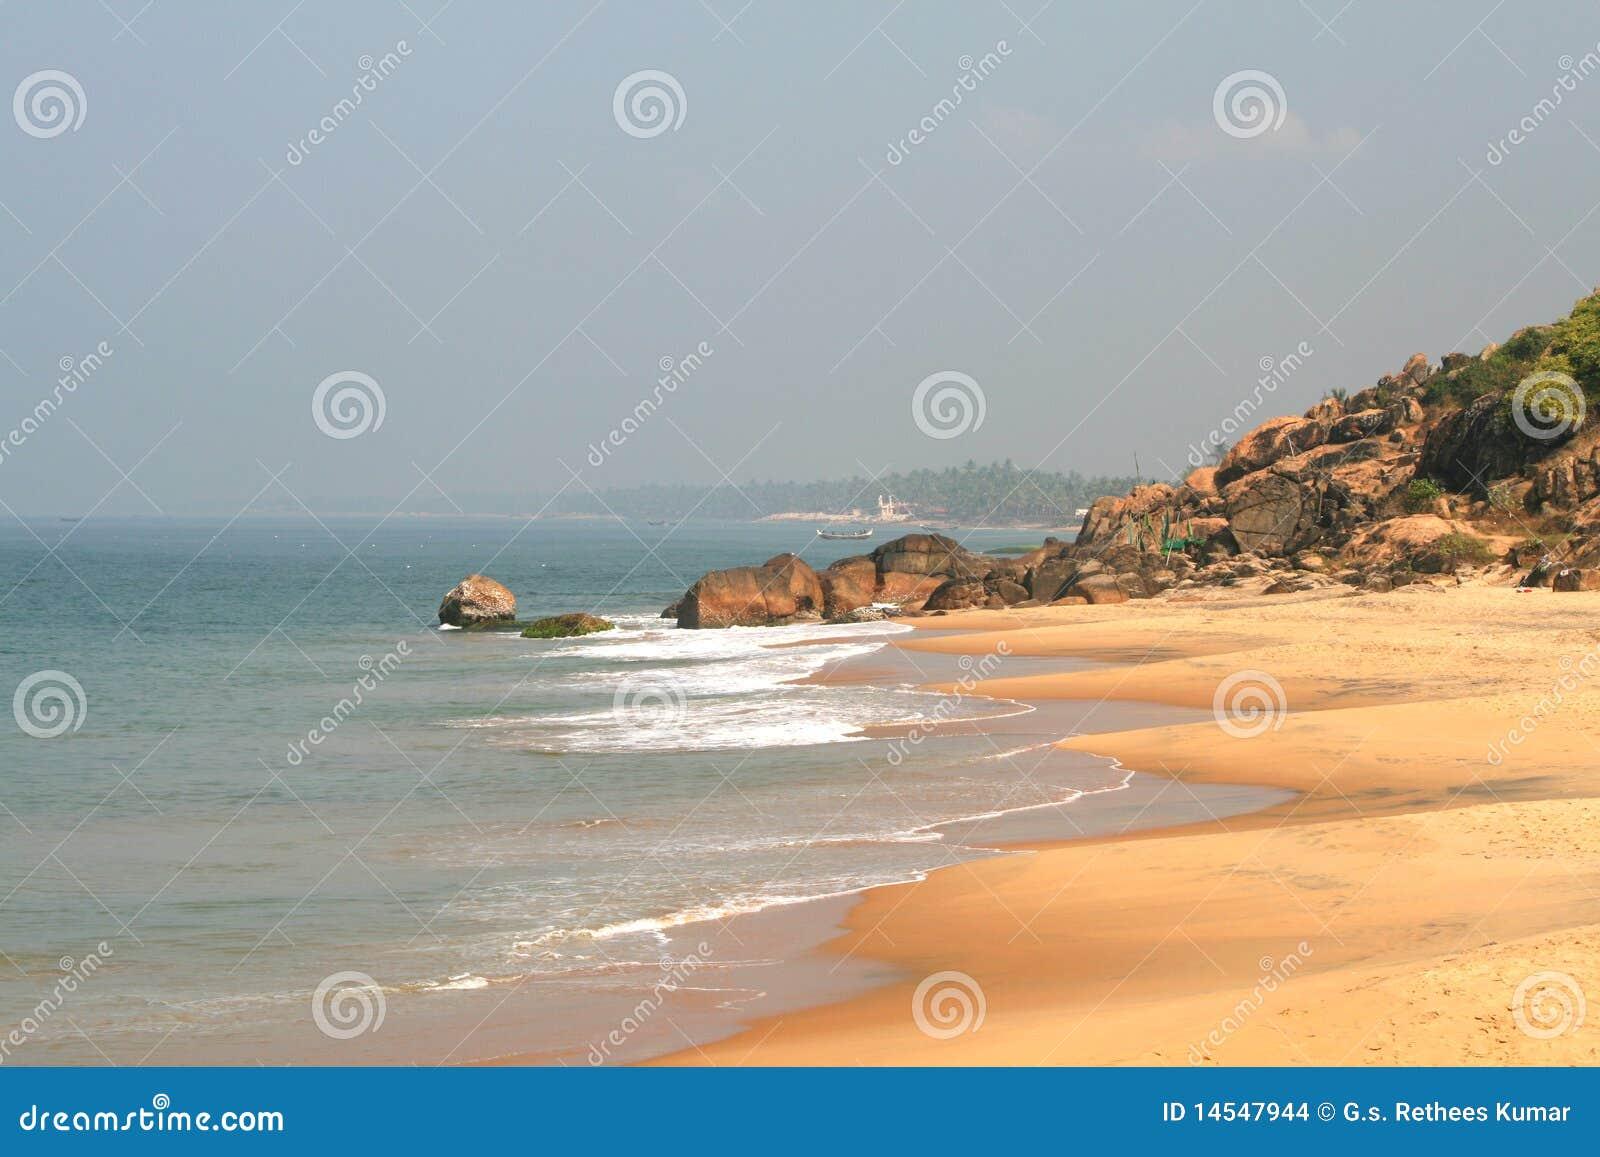 海滩印度kovalam海洋石头.图片